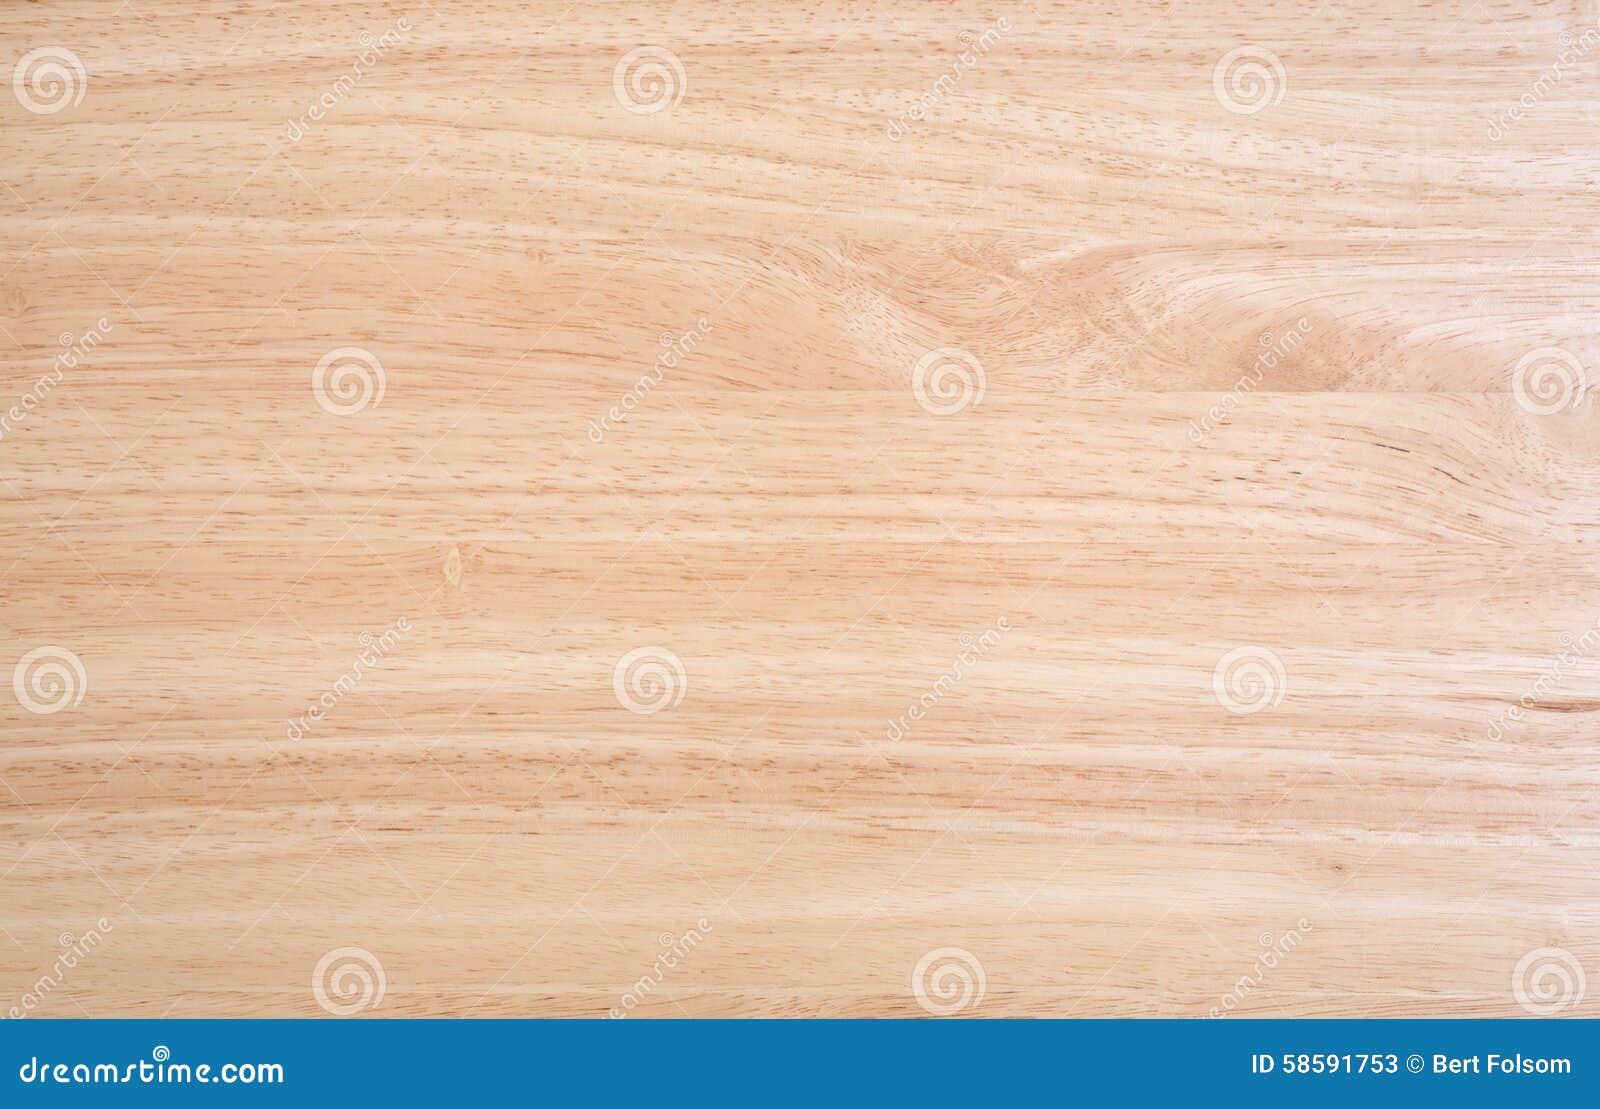 Dessus de table en bois image stock image du lumi re - Dessus de table en bois ...